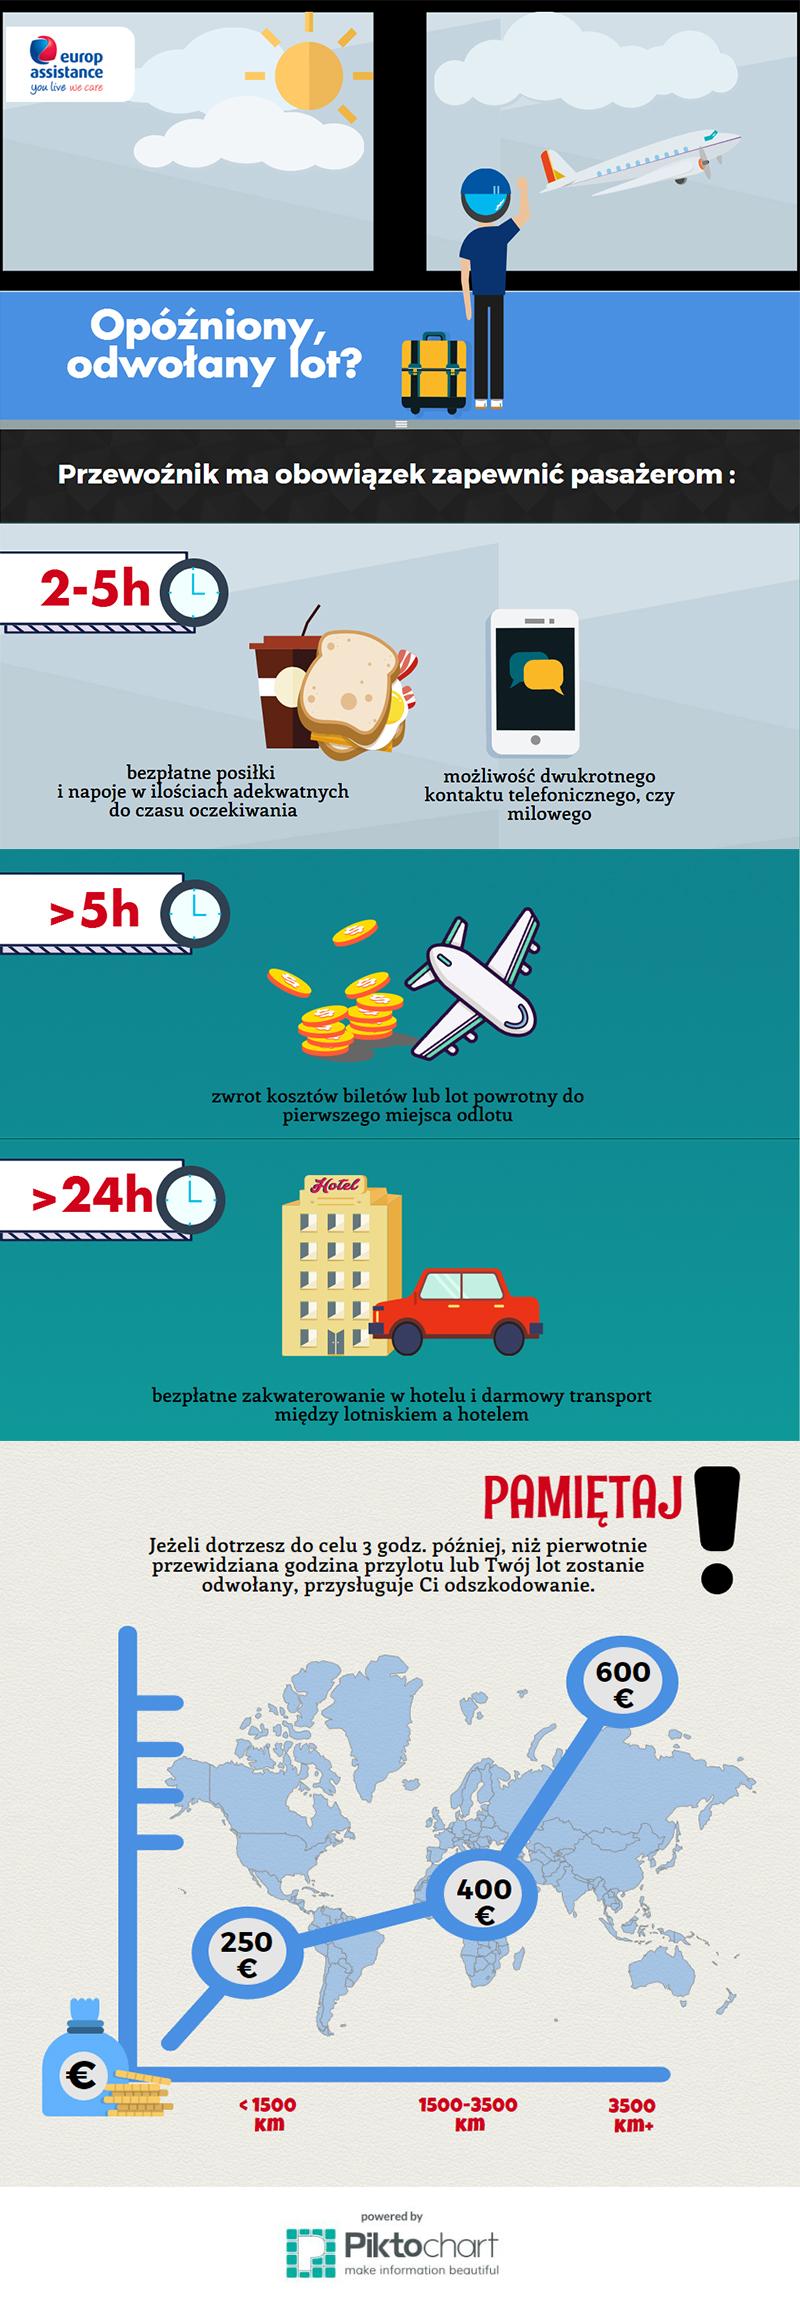 Infografika opóźniony odwołany lot